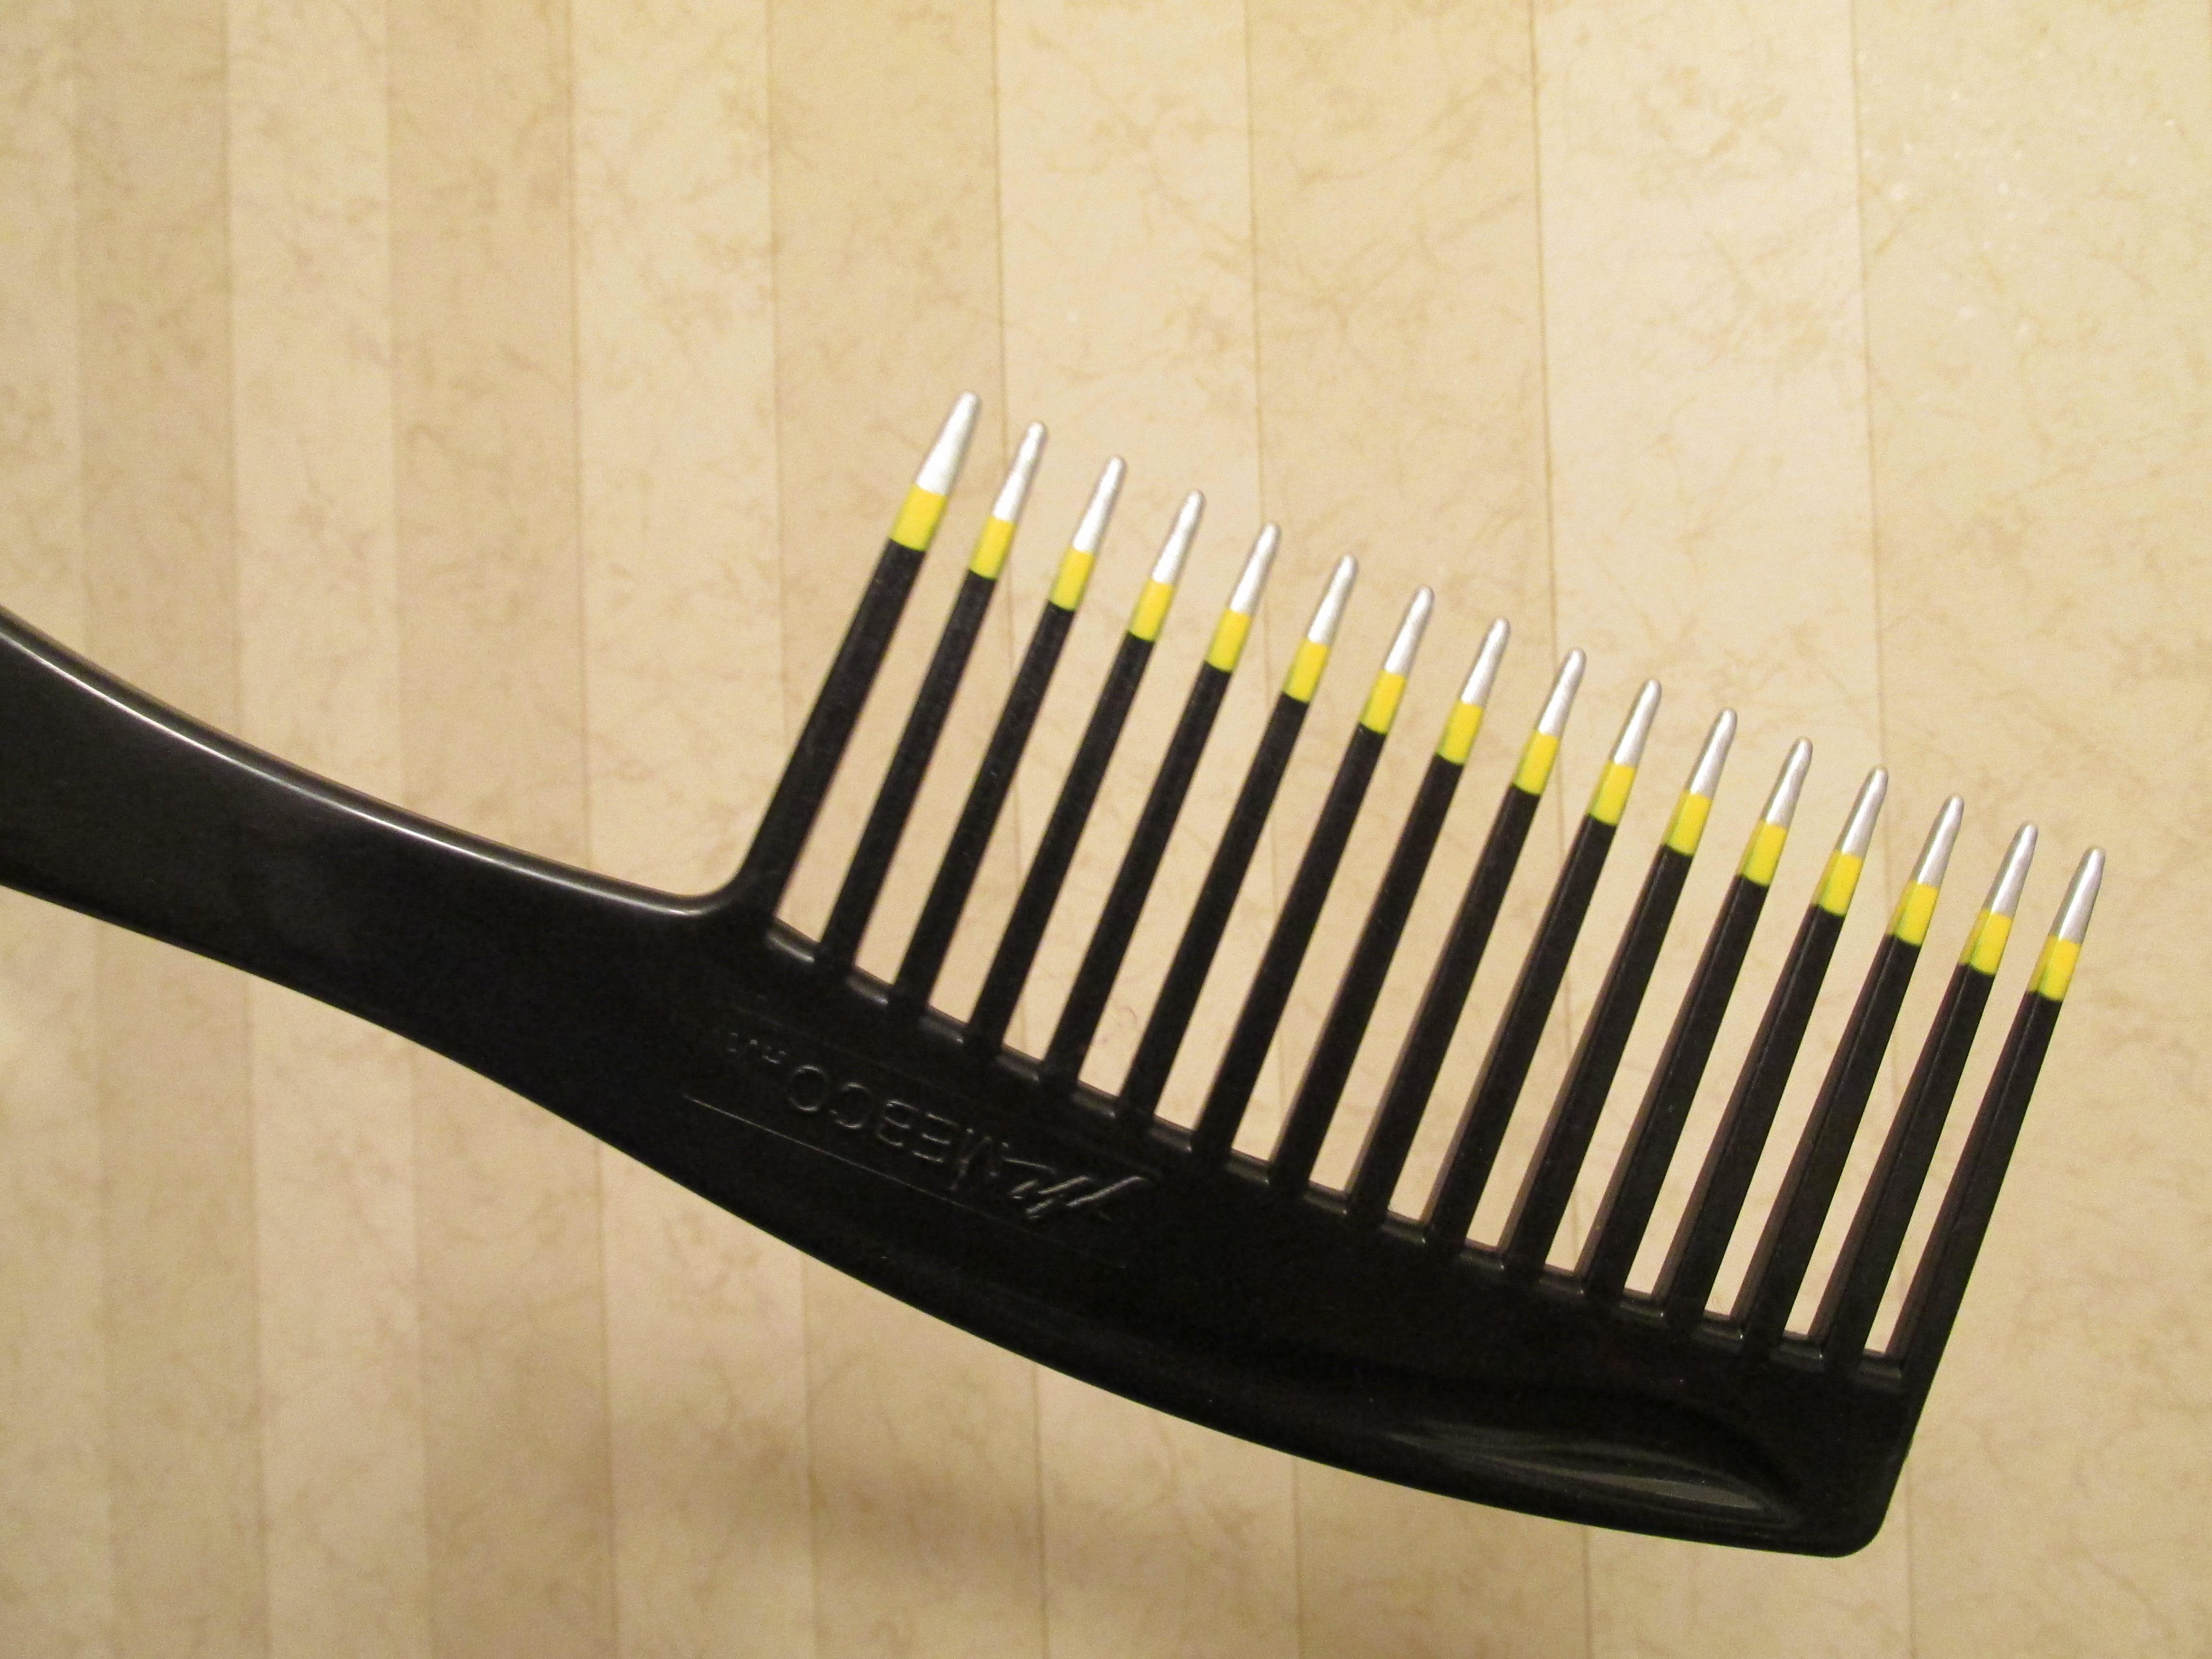 Ulta comb